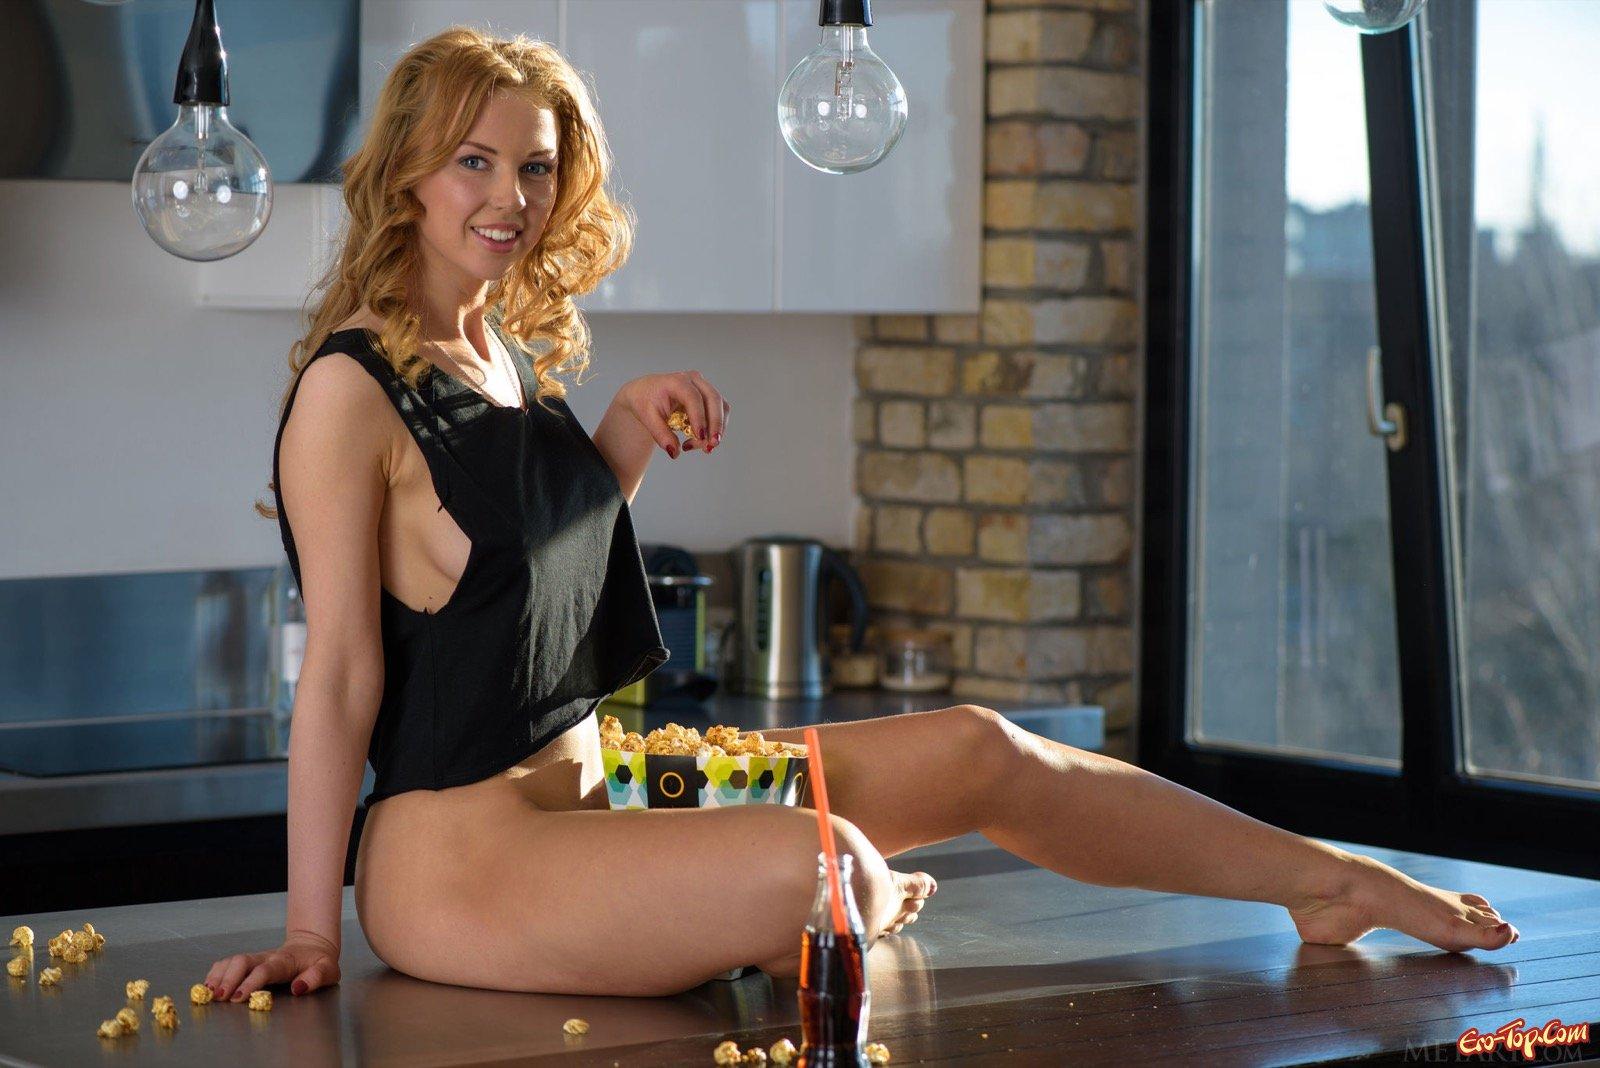 Кудрявая блондинка разделась и делает селфи на столике